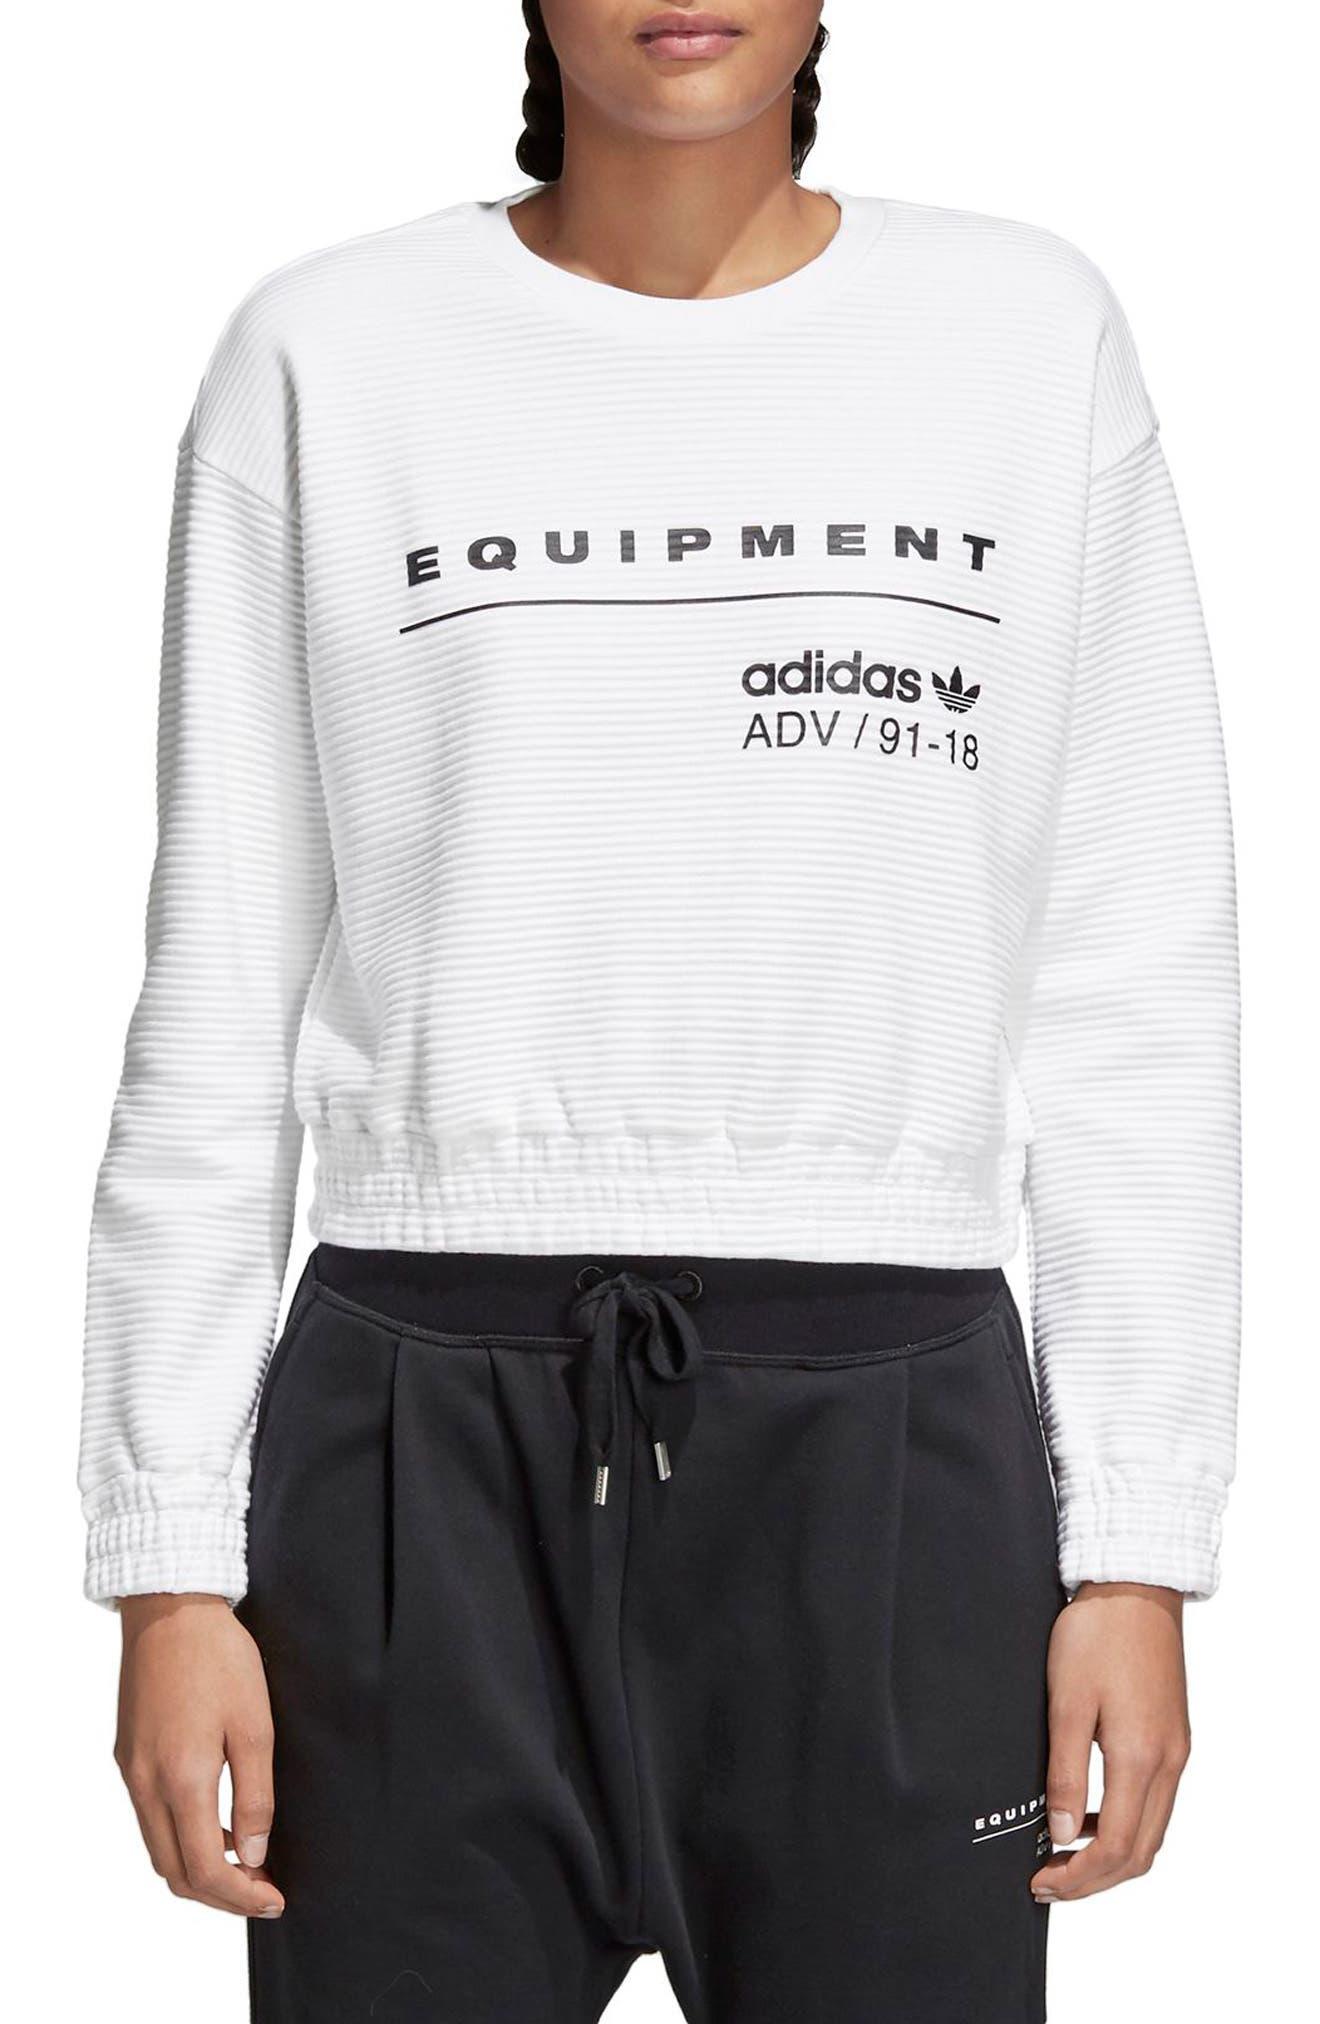 EQT Sweatshirt,                         Main,                         color, White